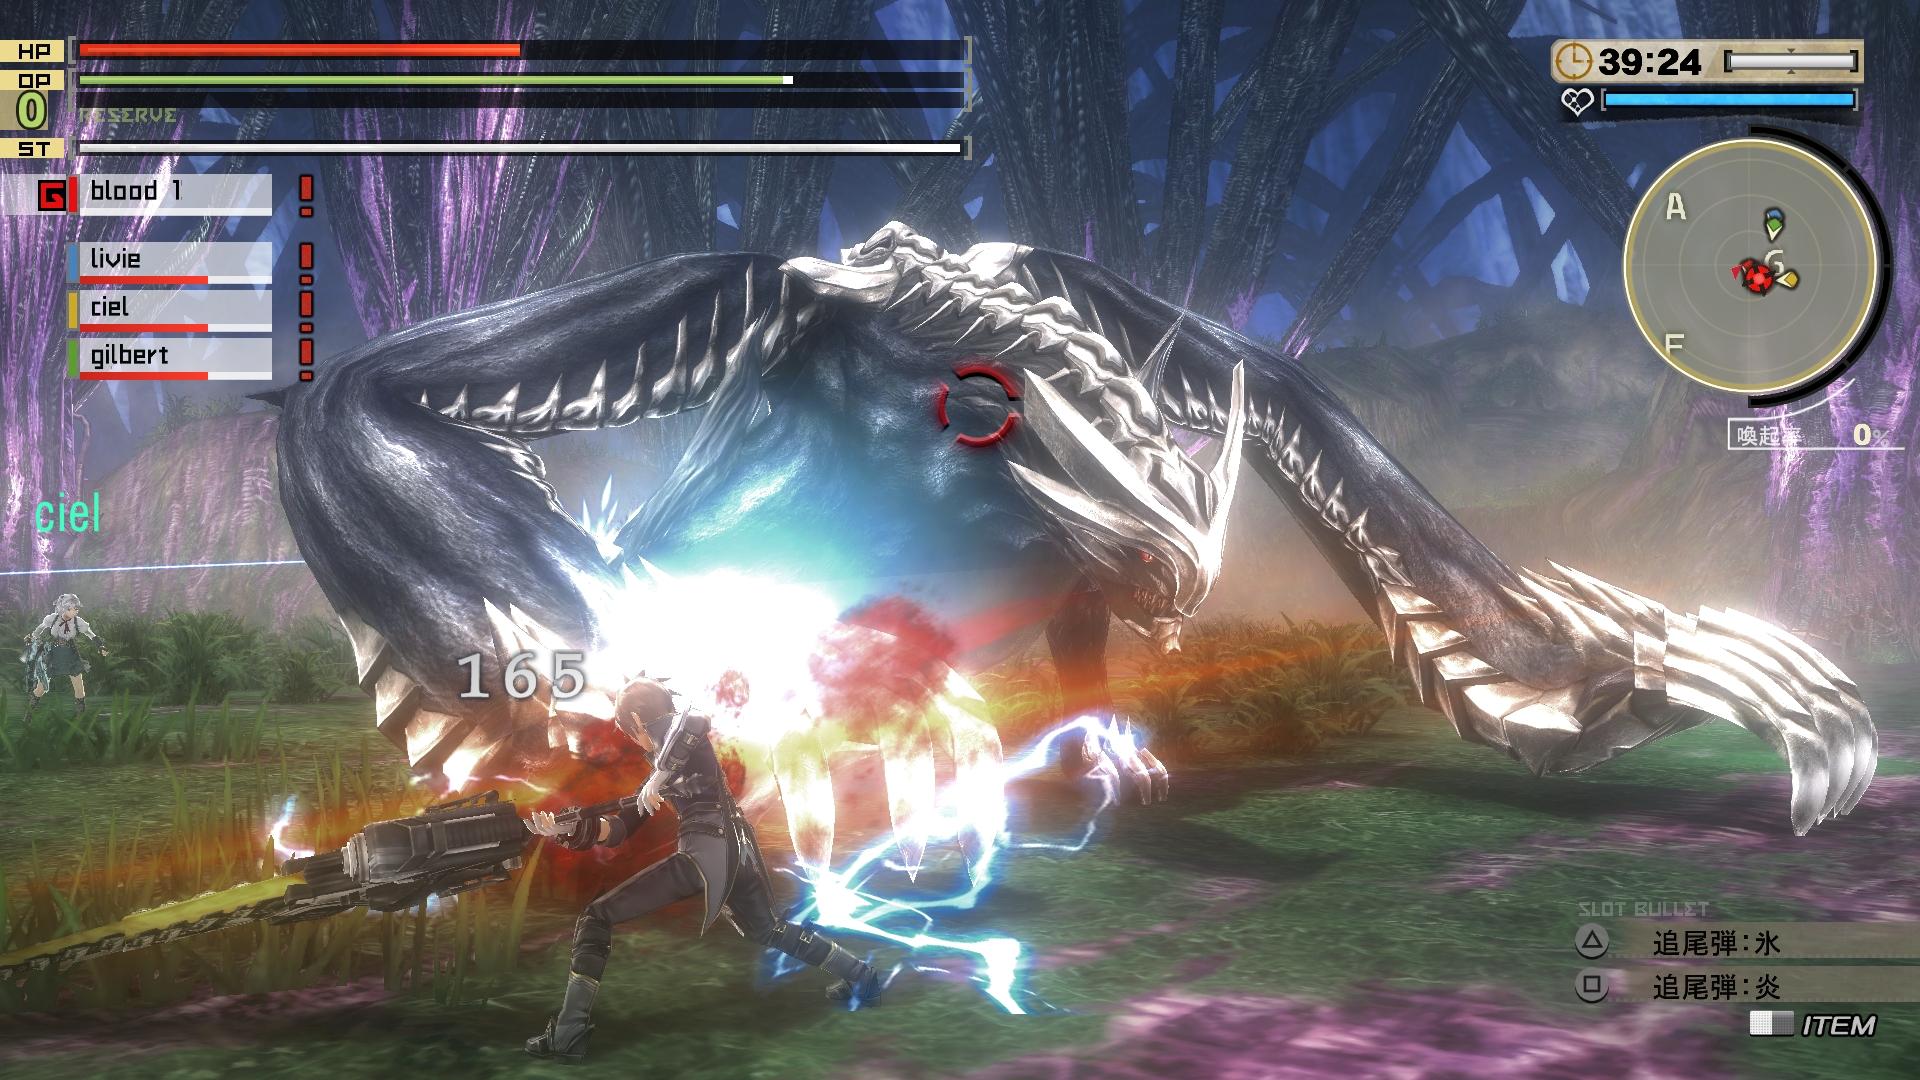 资讯首页游戏新闻《噬神者2:狂怒登陆》原是去年解放在psp和psv上刃大型爸爸之攻略蚩尤英魂图片